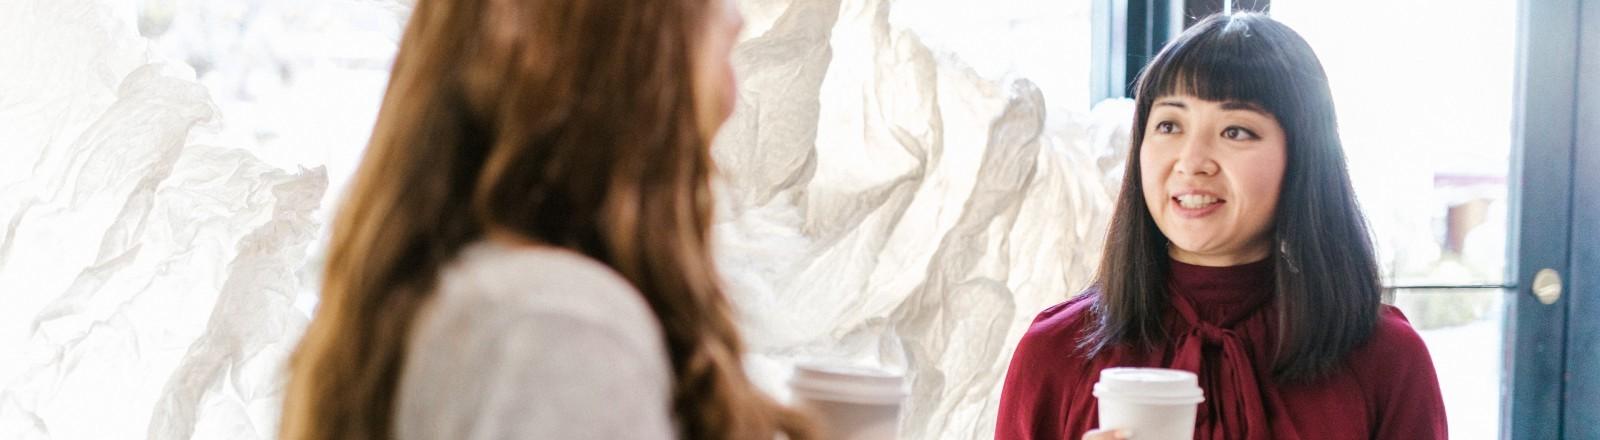 Zwei Frauen unterhalten sich mit Kaffeebechern im Flur